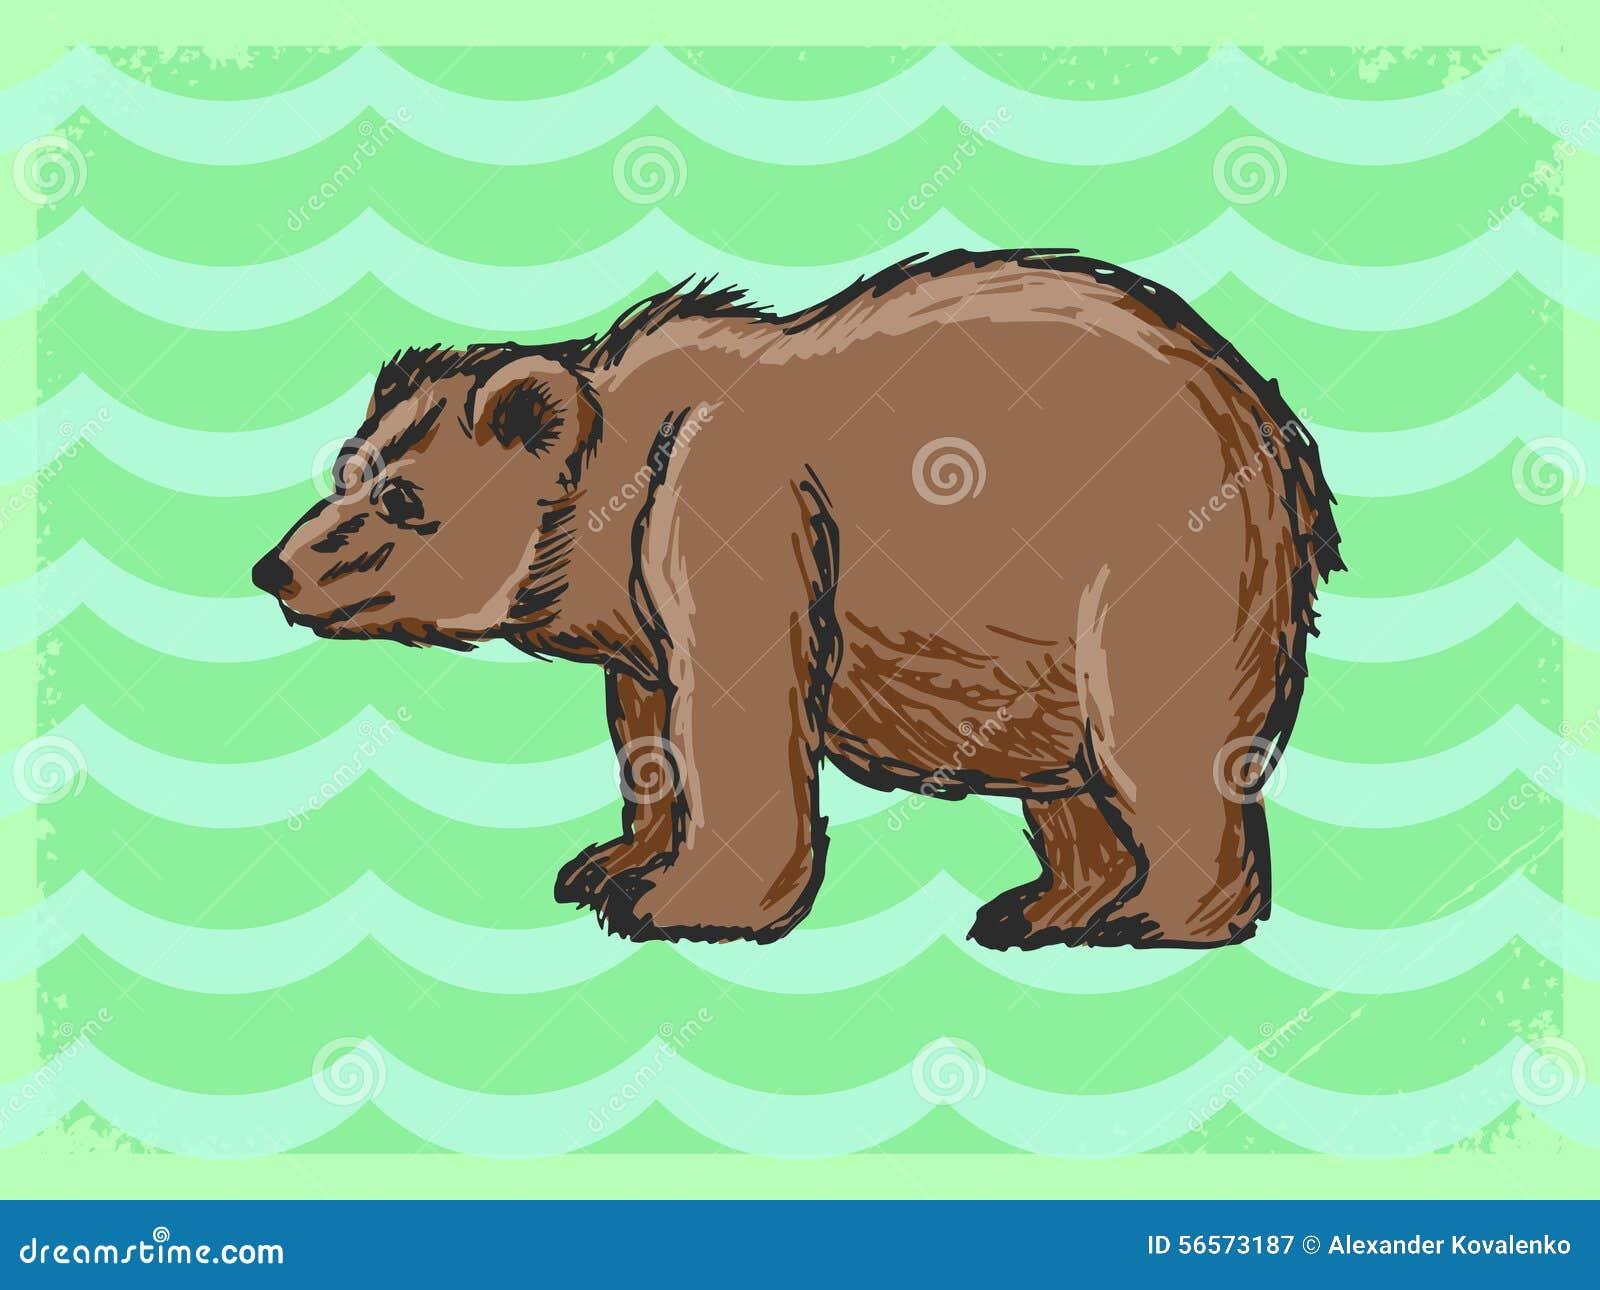 Download Εκλεκτής ποιότητας υπόβαθρο με την αρκούδα Απεικόνιση αποθεμάτων - εικονογραφία από οριοθετημένα, στοιχείο: 56573187